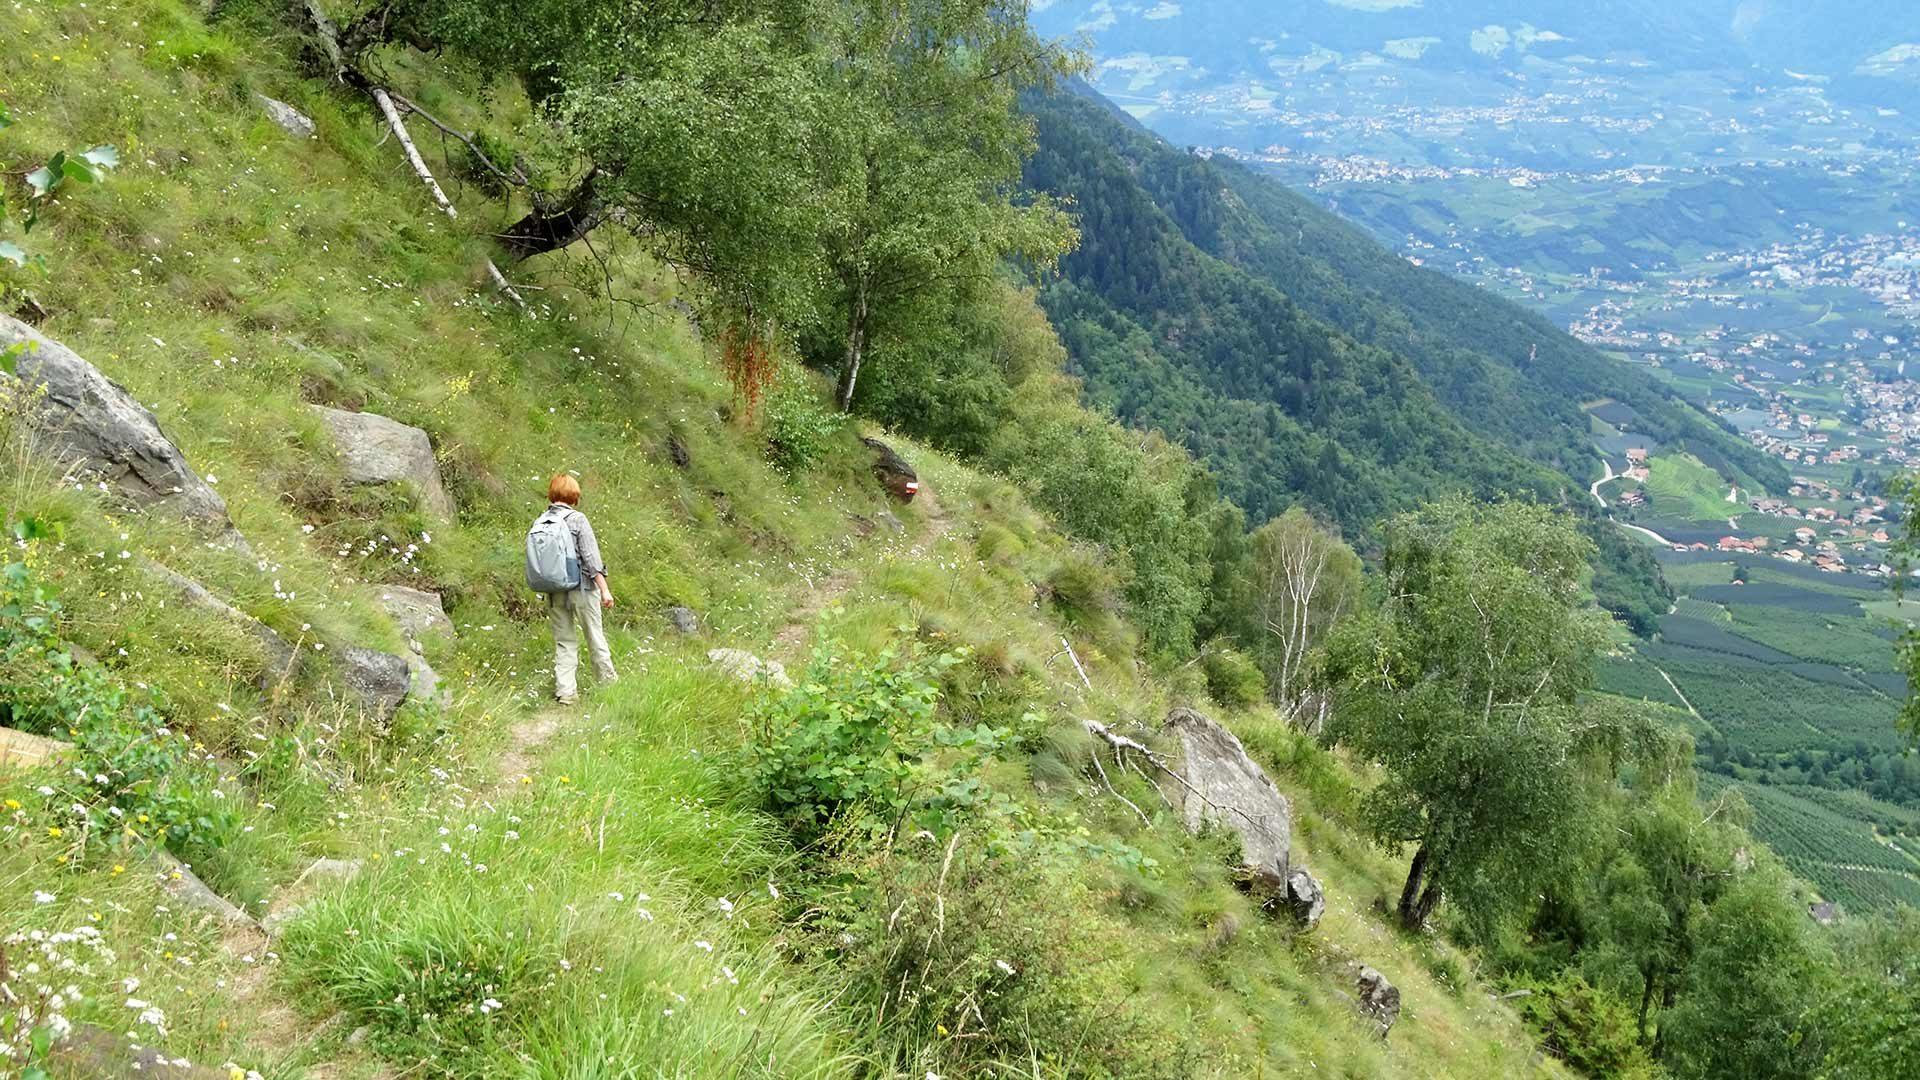 Sentiero panoramico del Monte Sole